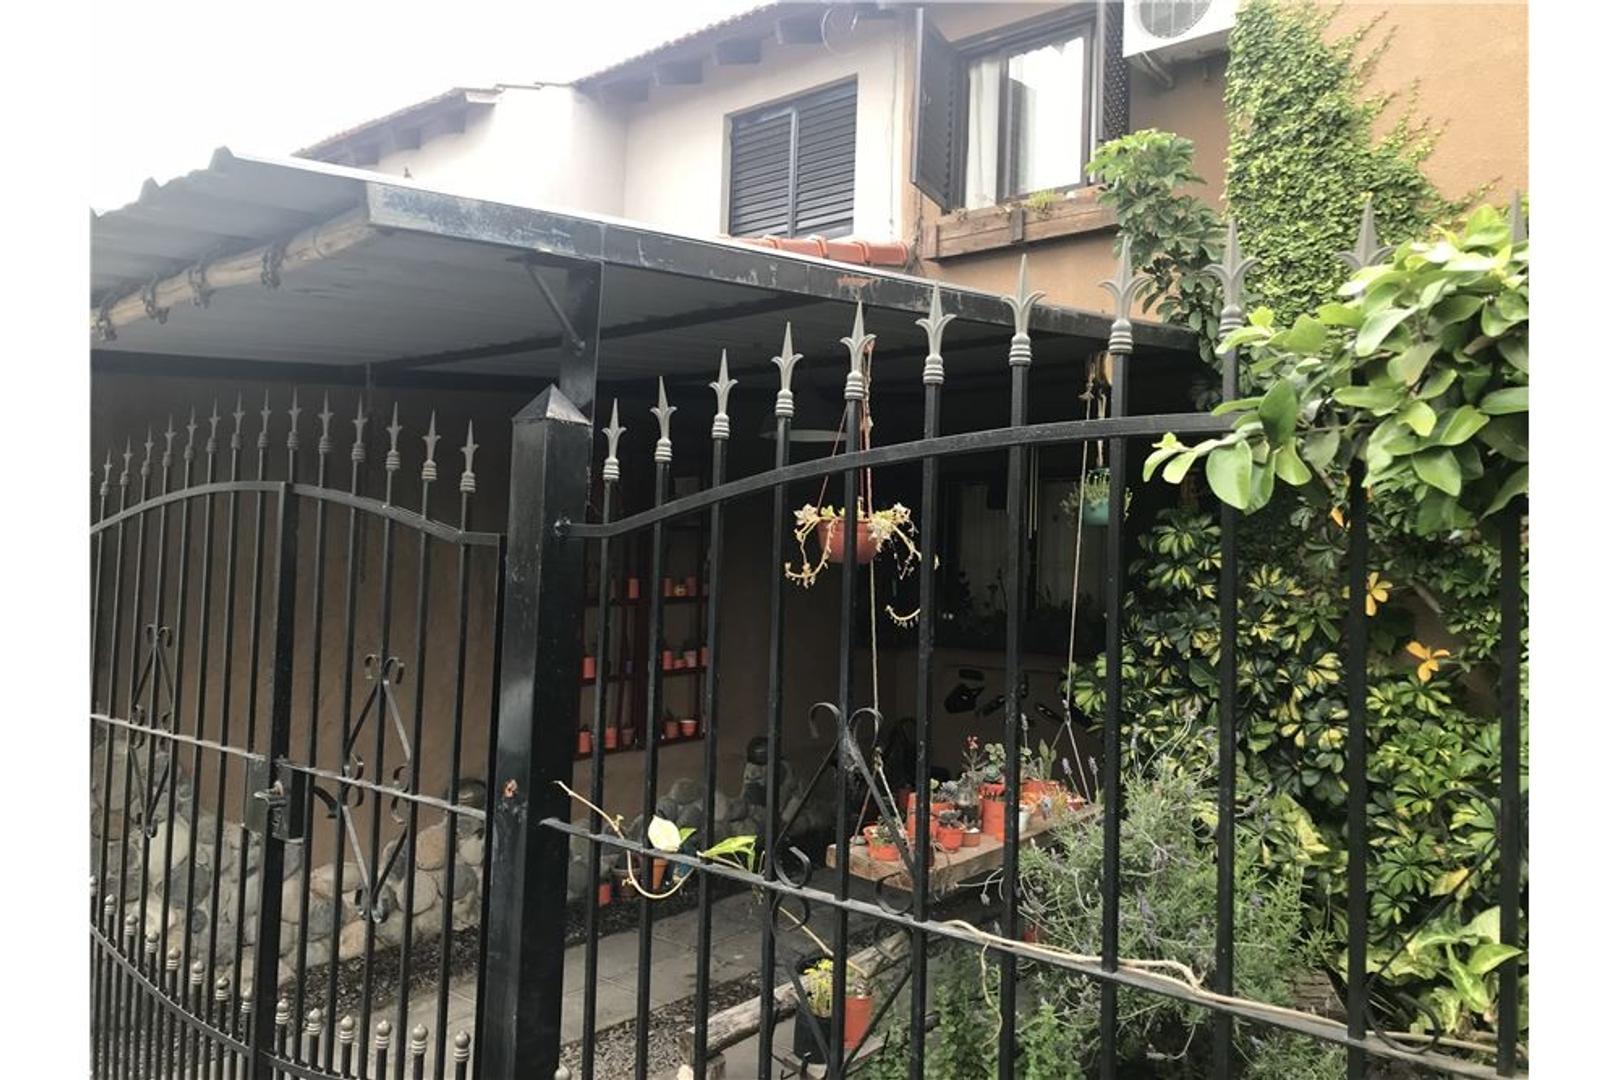 Casa en Alquiler en Camino Centenario Km 11500 - 4 ambientes